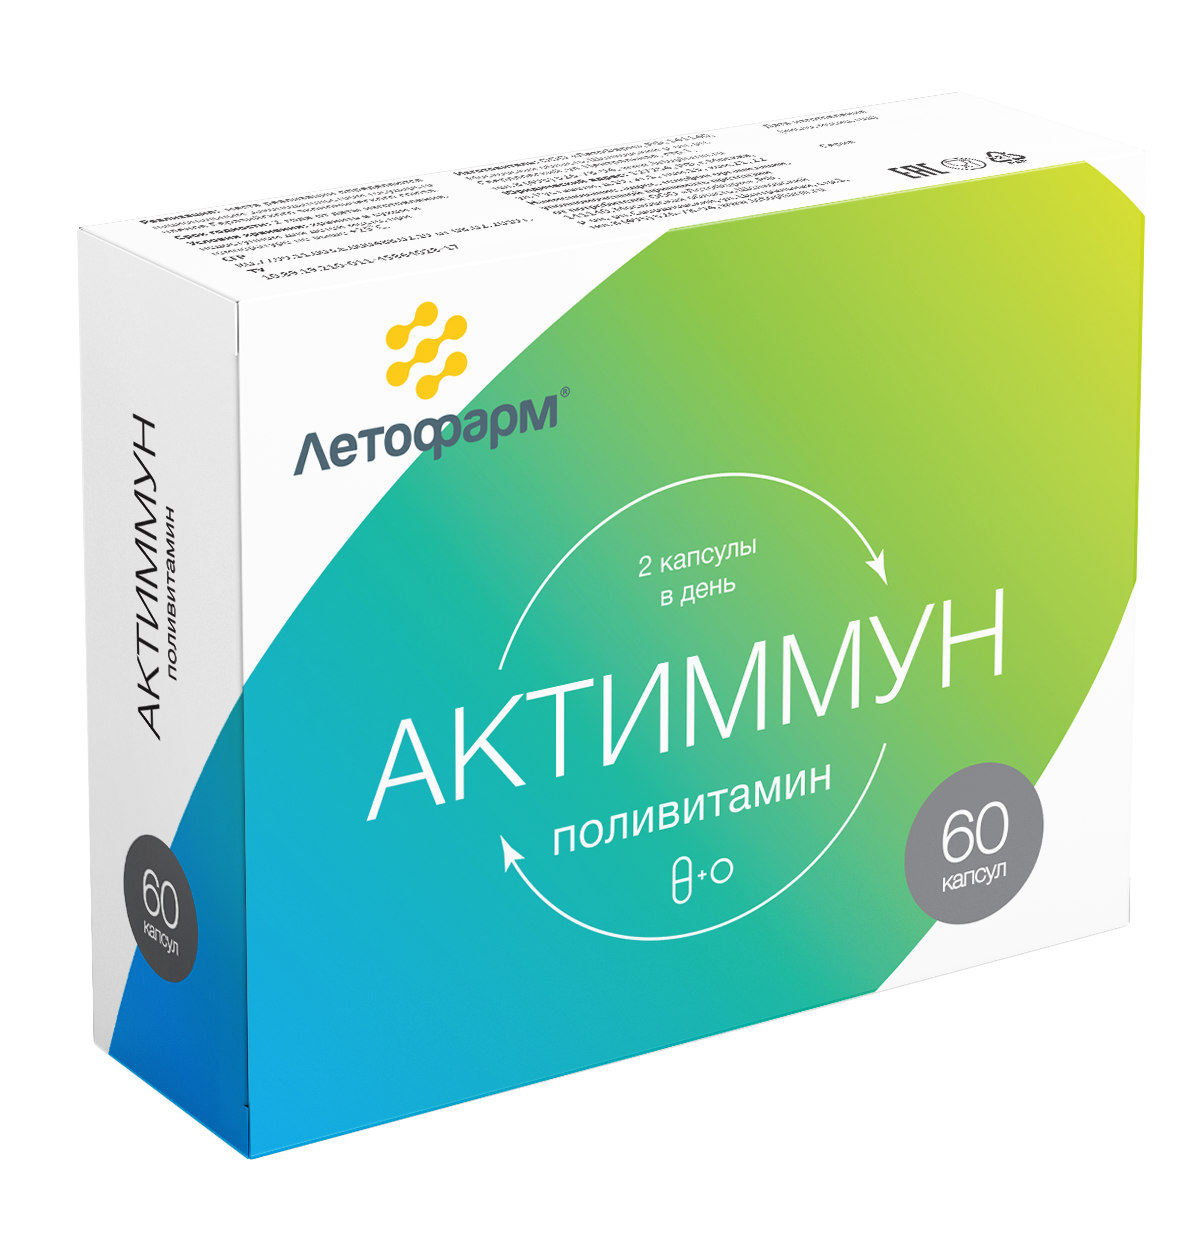 polivitamin